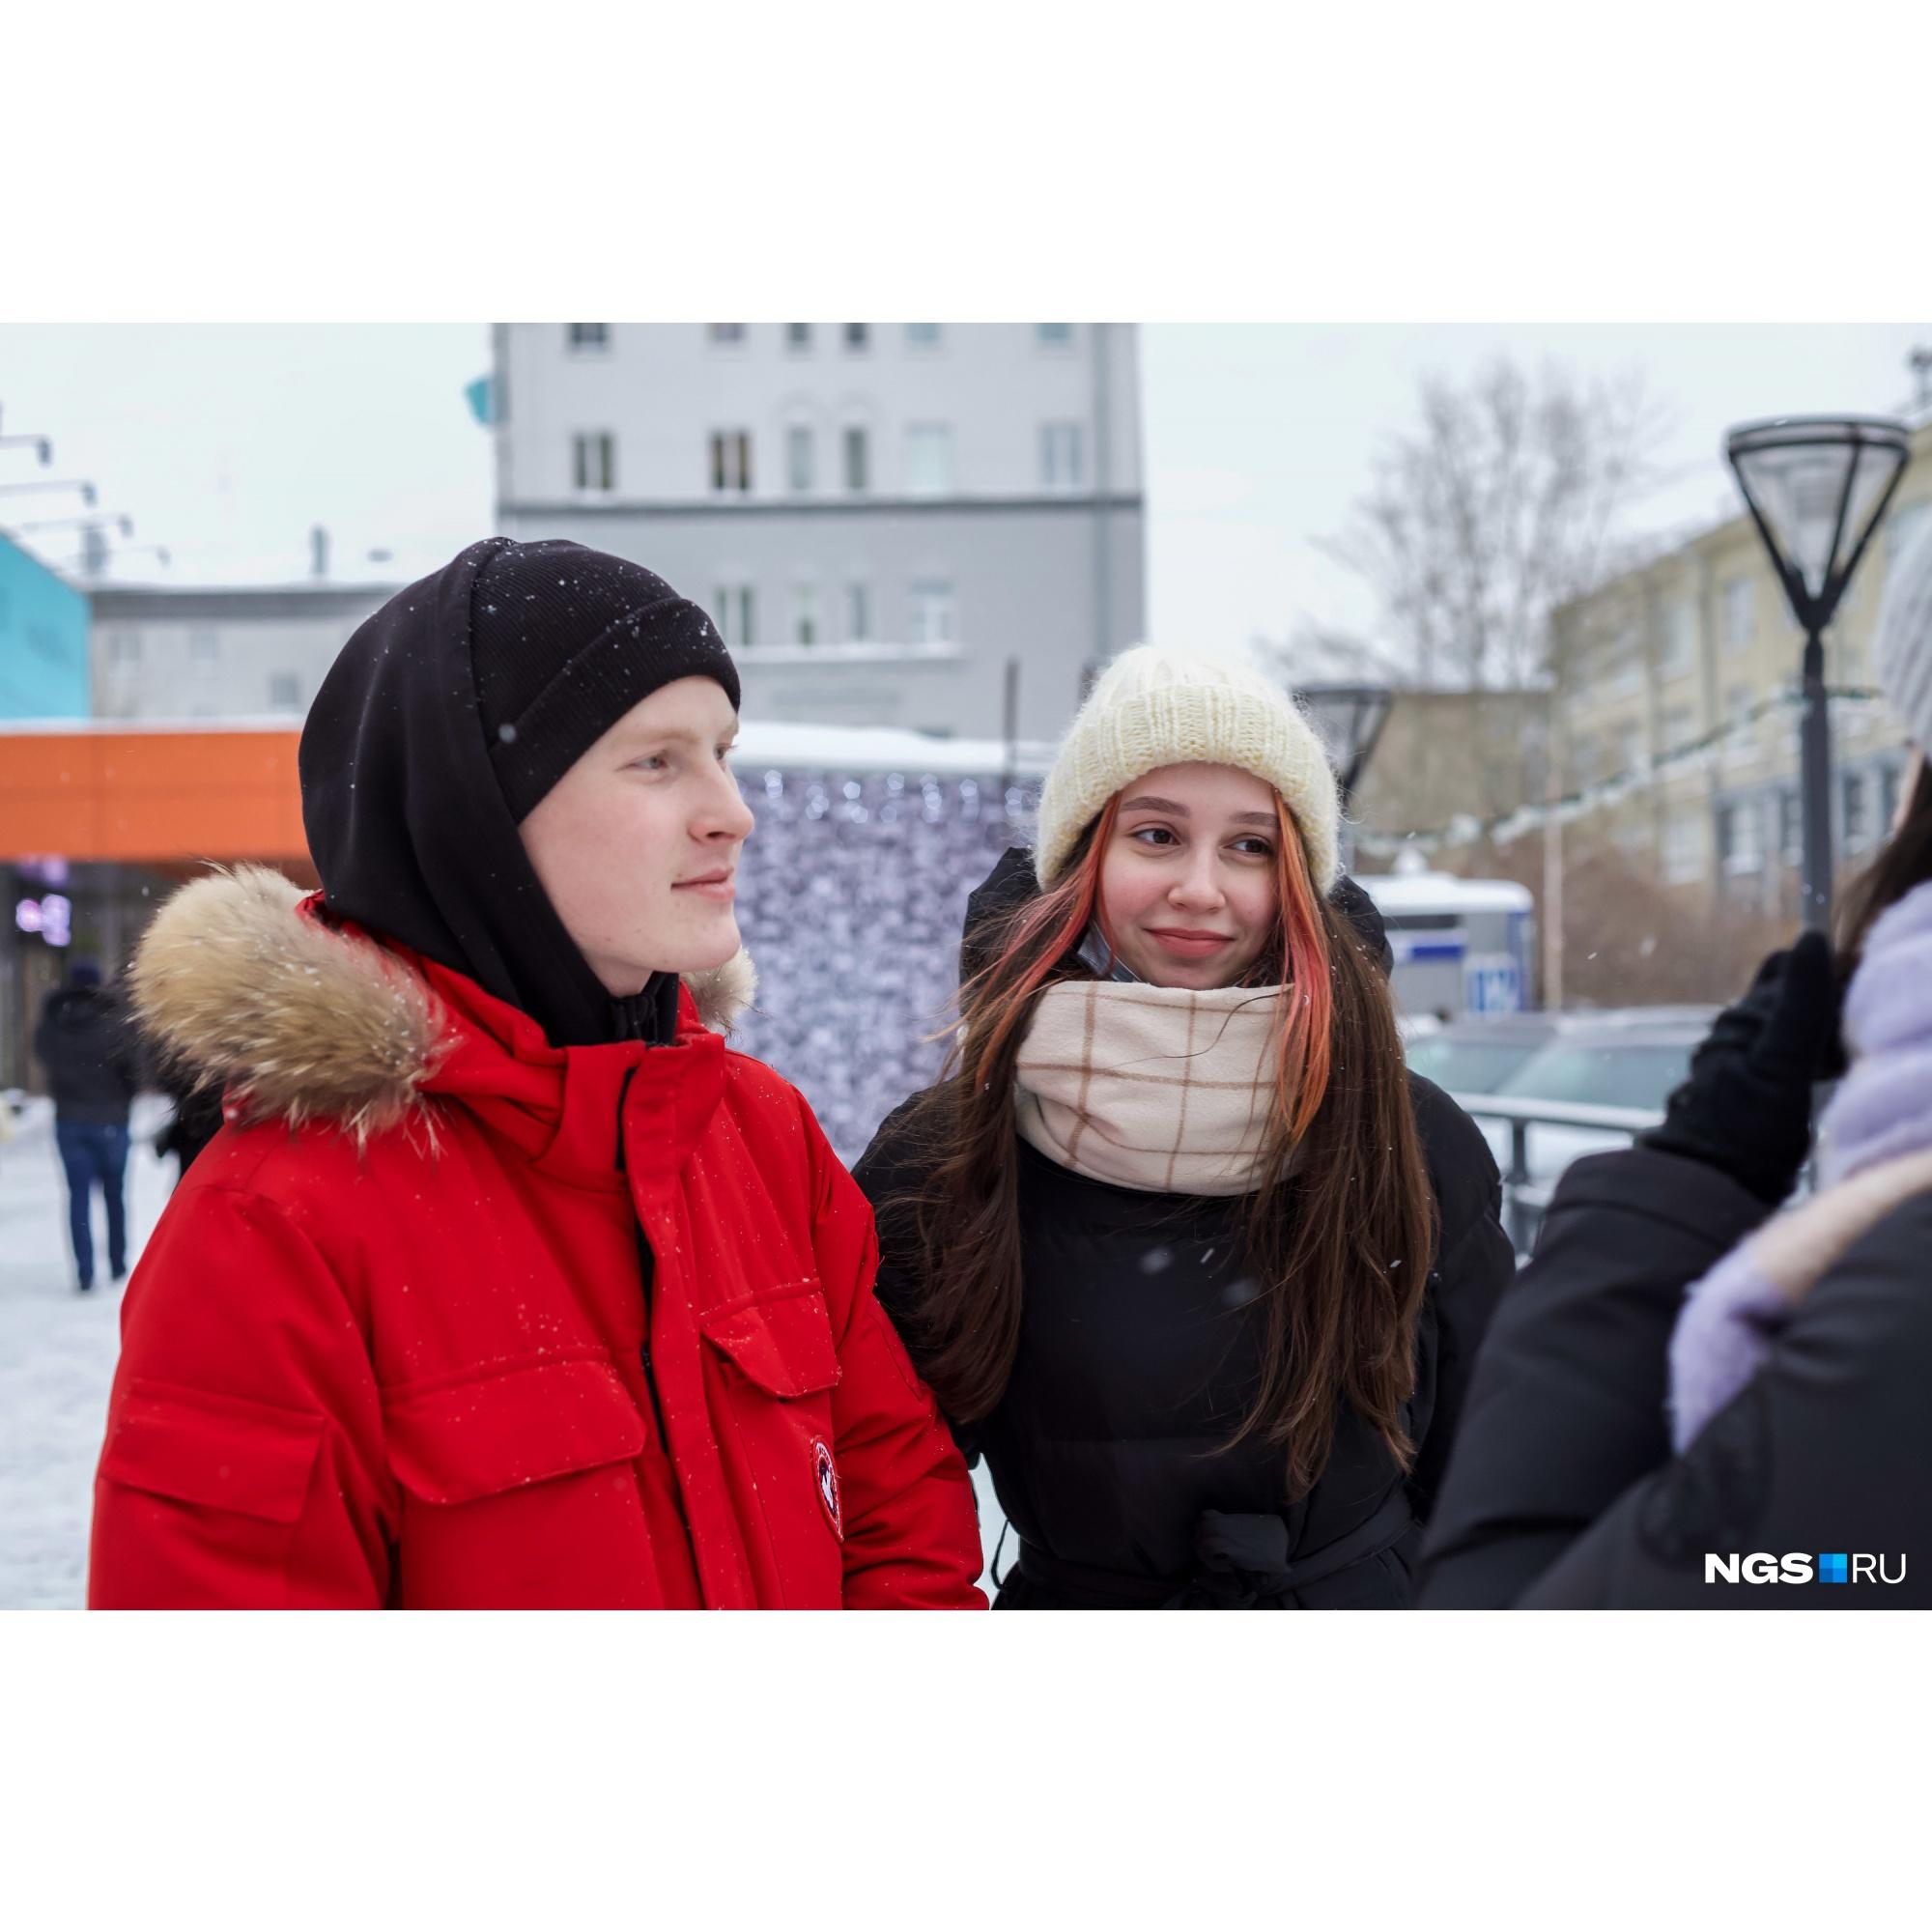 Владимир и Лейла вспомнили о летней поездке на Байкал